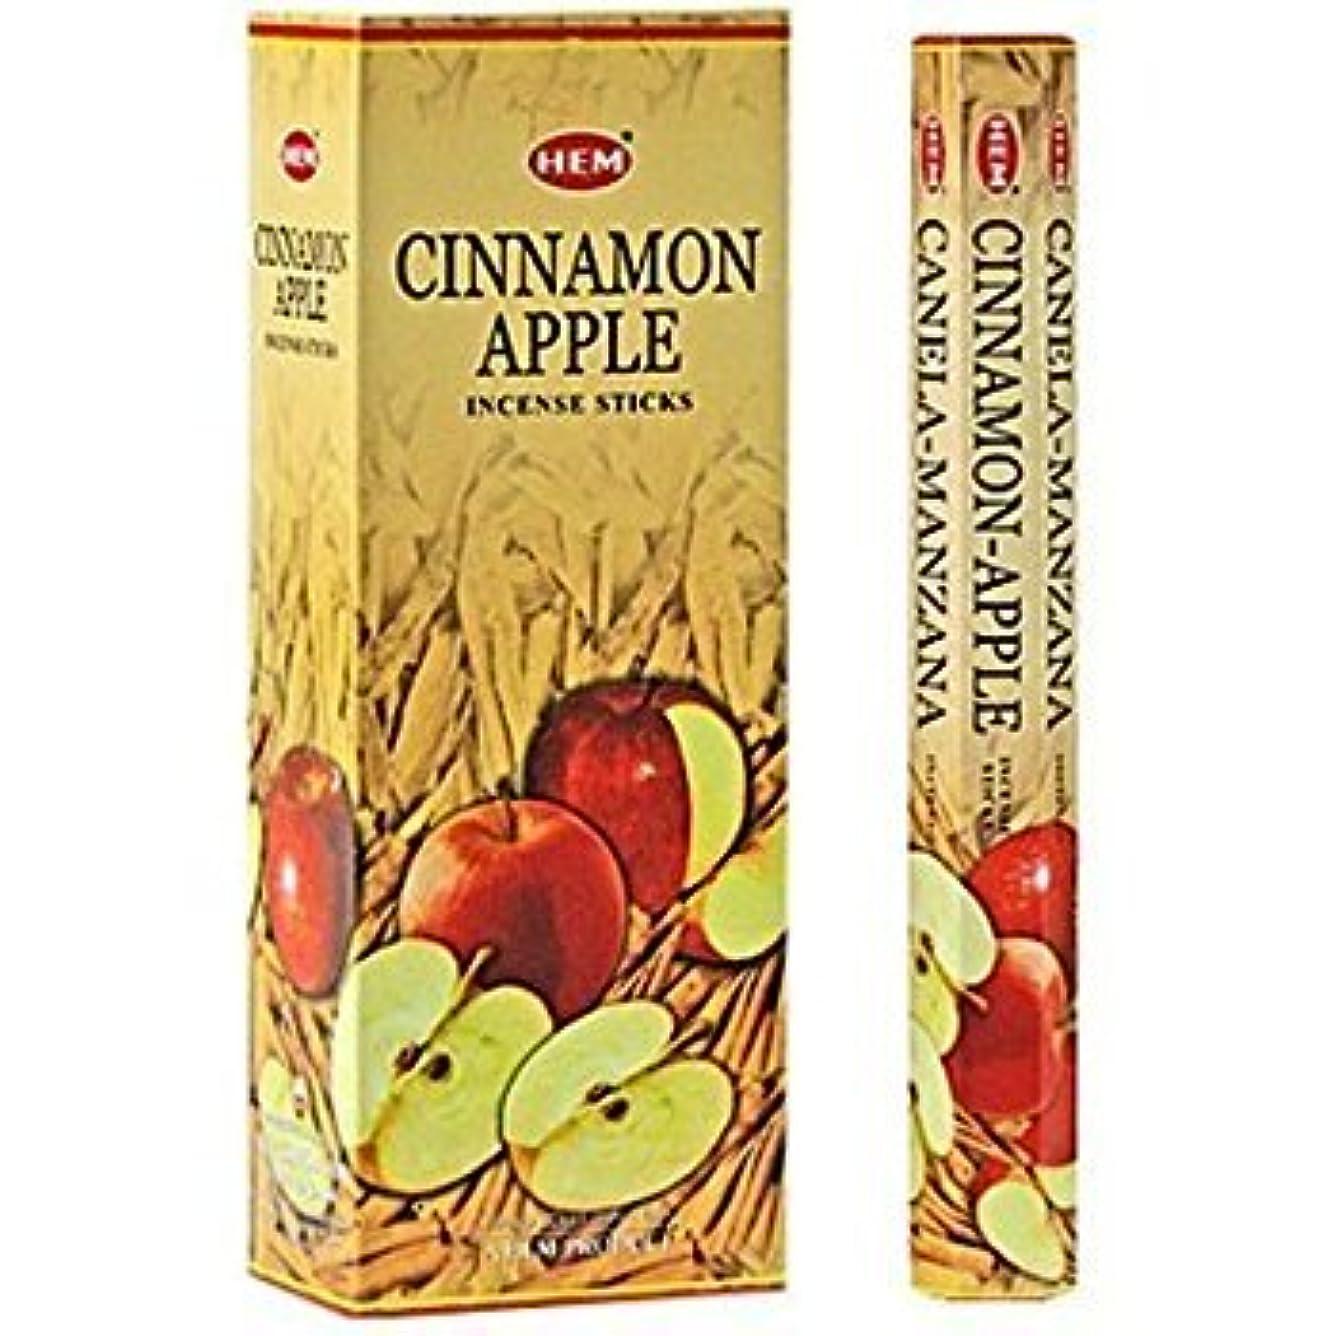 ドナウ川岸驚かすCinnamon Apple - Box of Six 20 Stick Tubes - HEM Incense